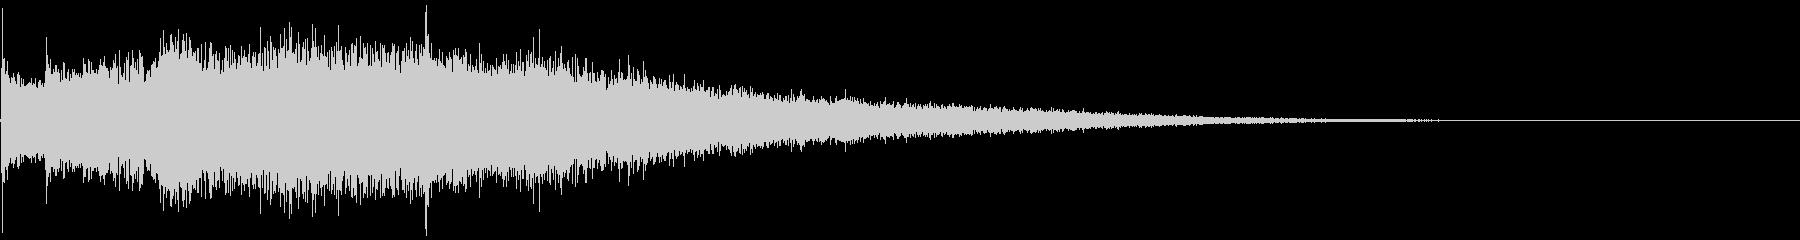 シャリシャリ:謎の金属音系の衝撃音の未再生の波形